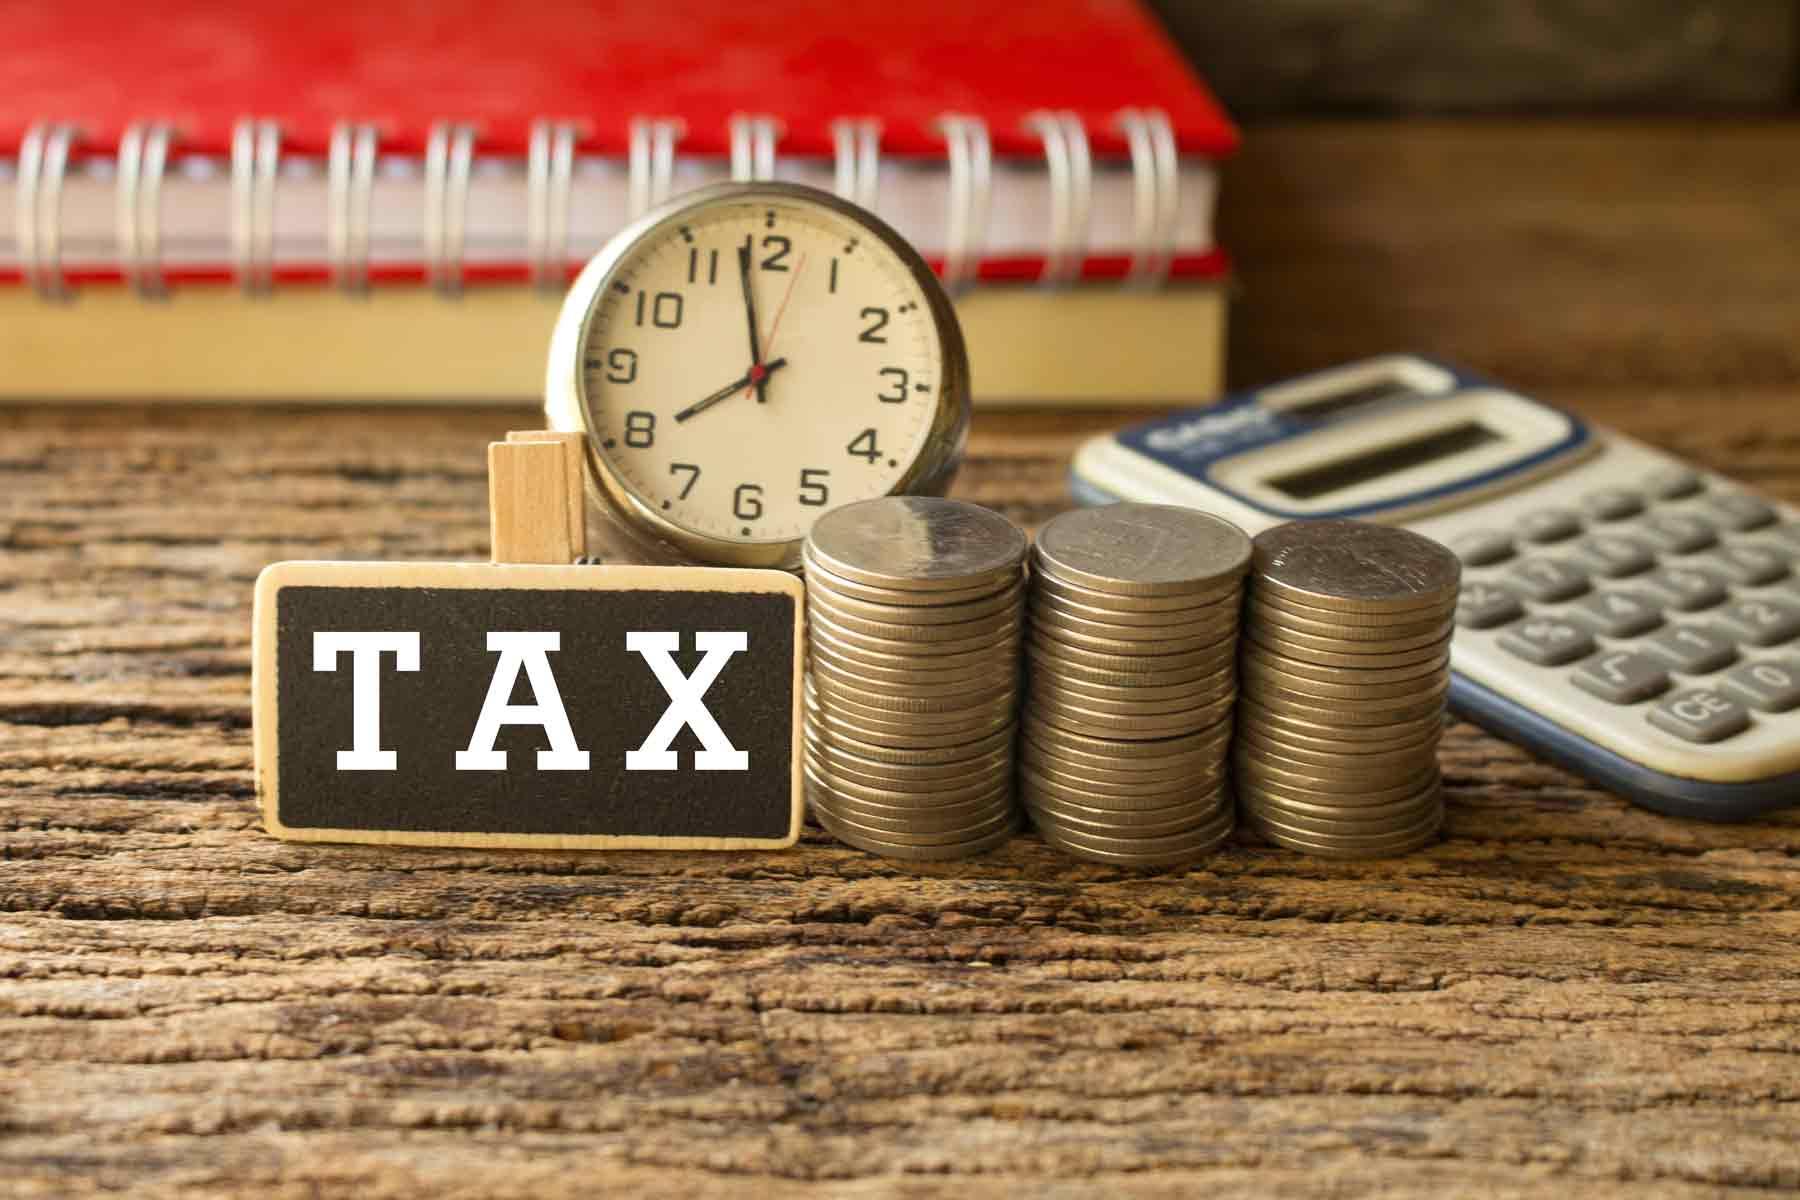 всю налоги и налогообложение картинки эти звезды ничего